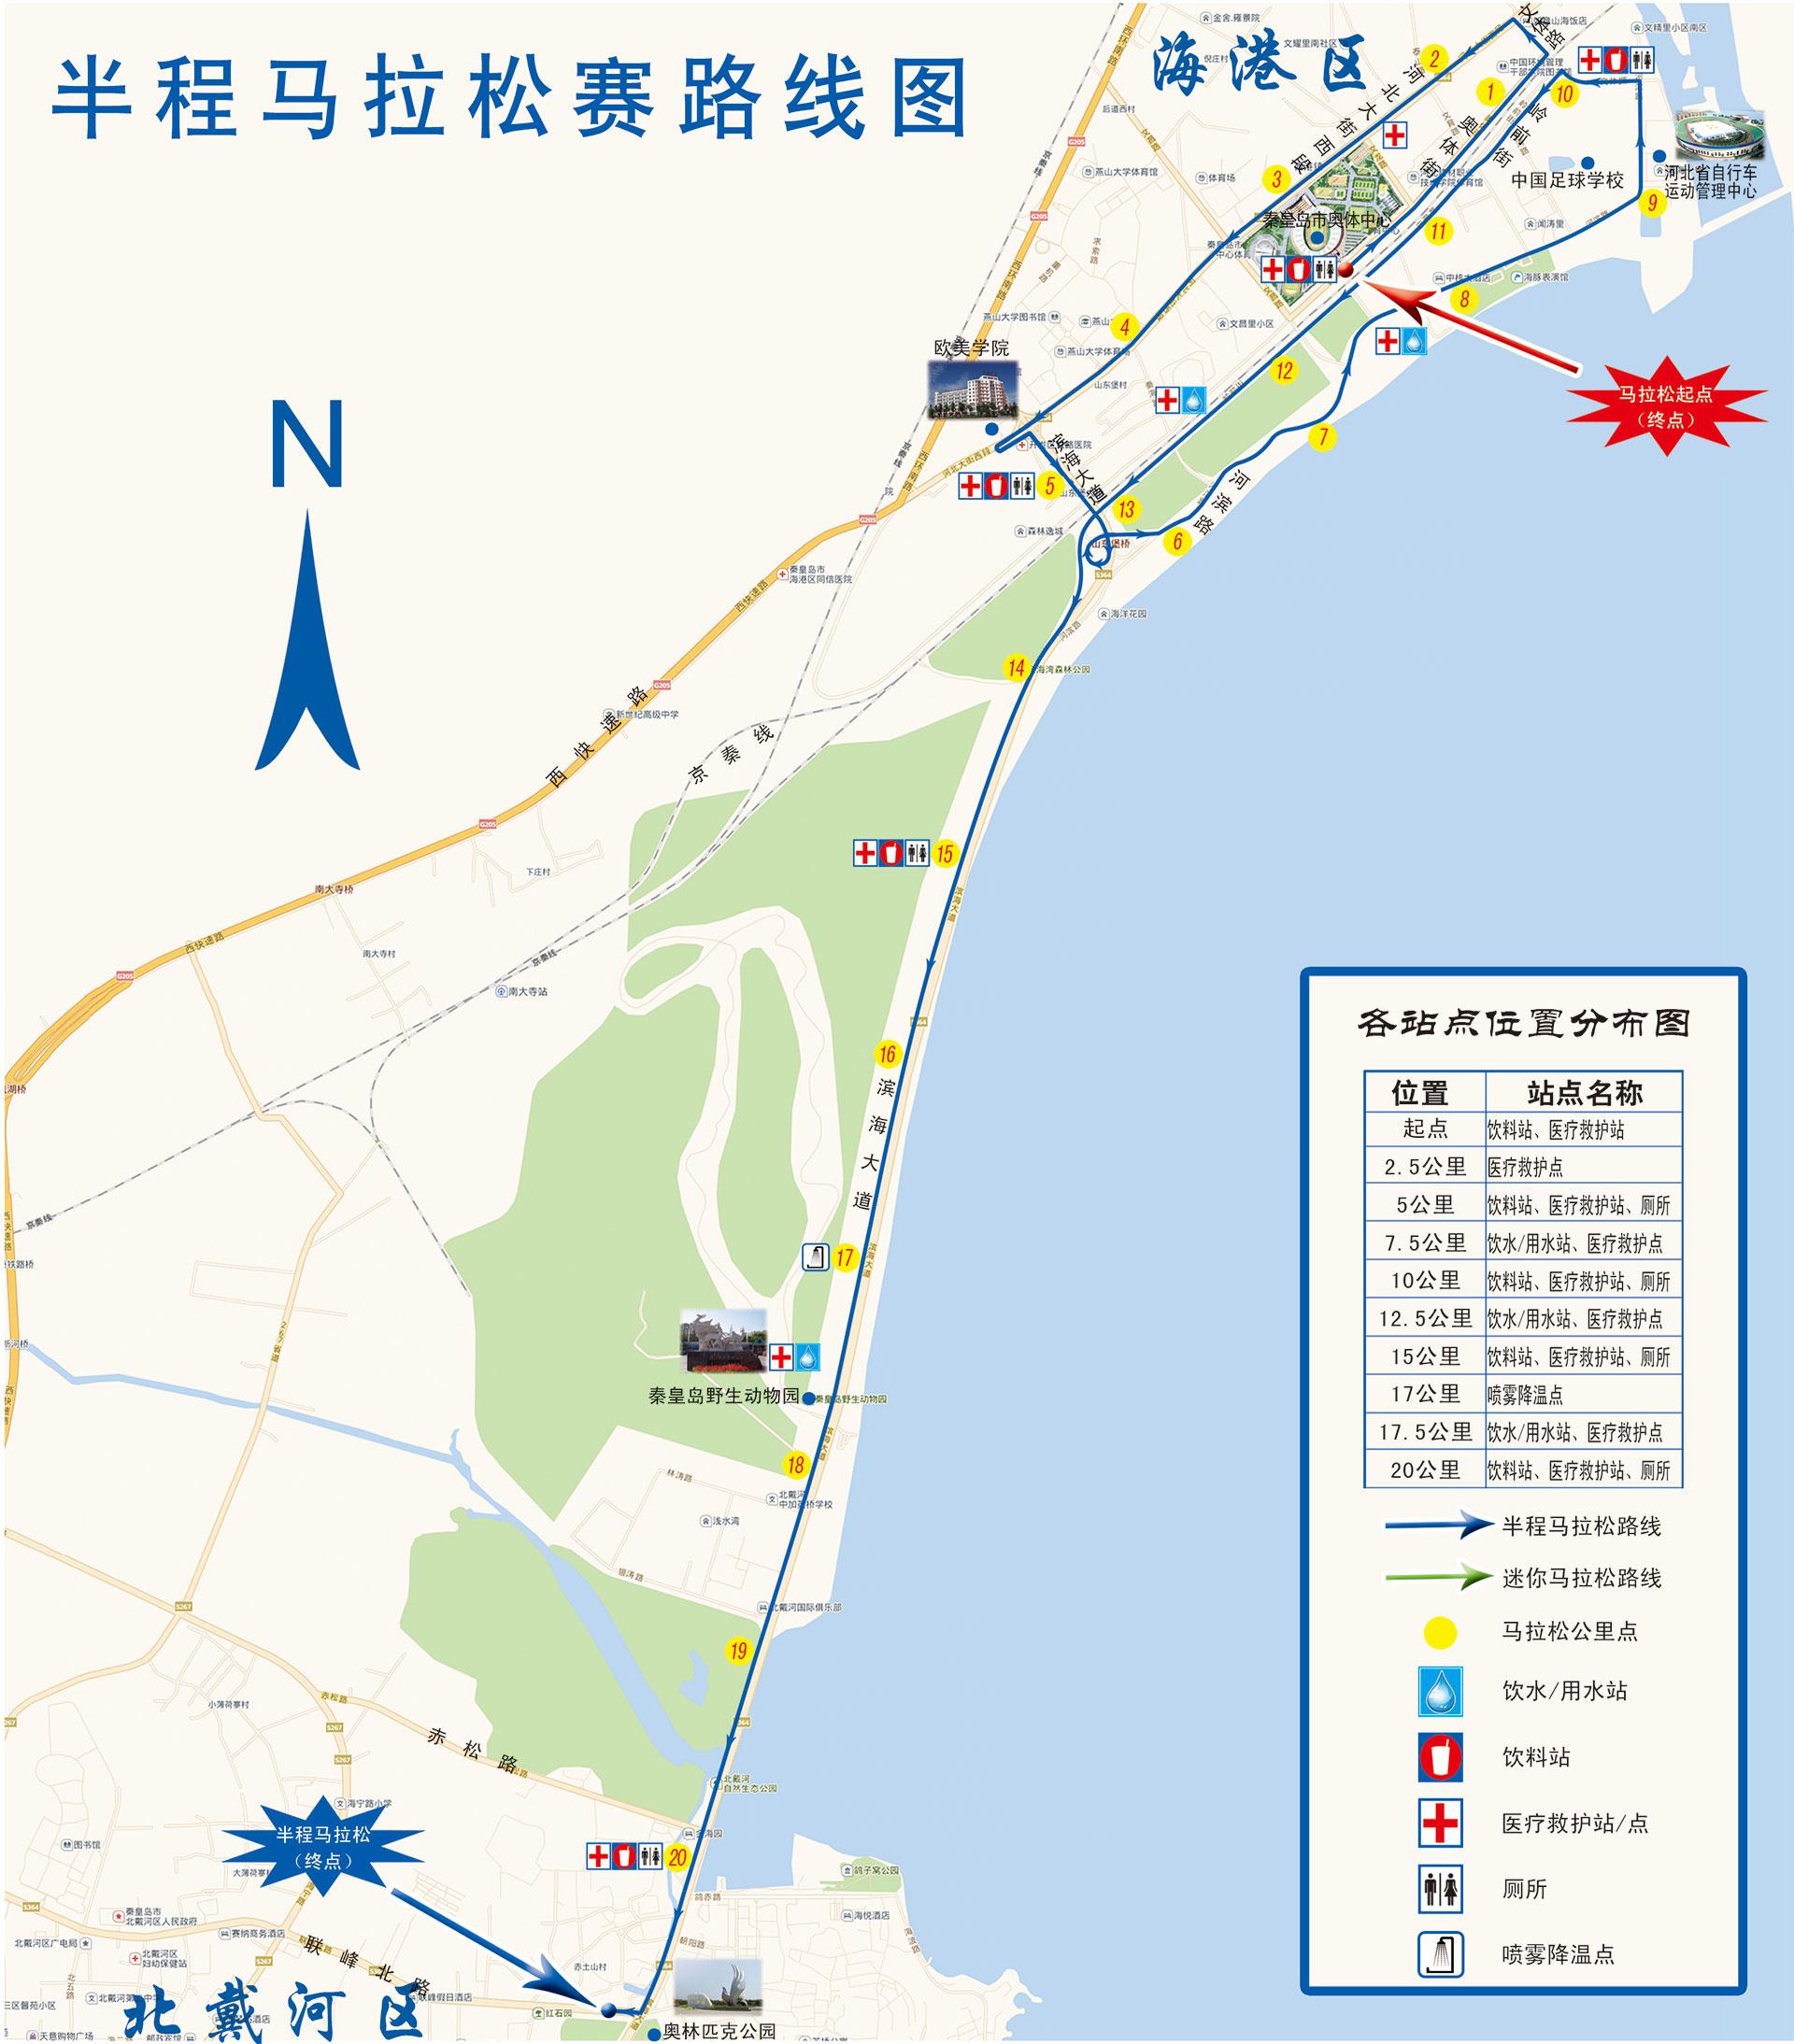 """2014秦皇岛国际马拉松赛""""比赛路线""""(点击查看)"""